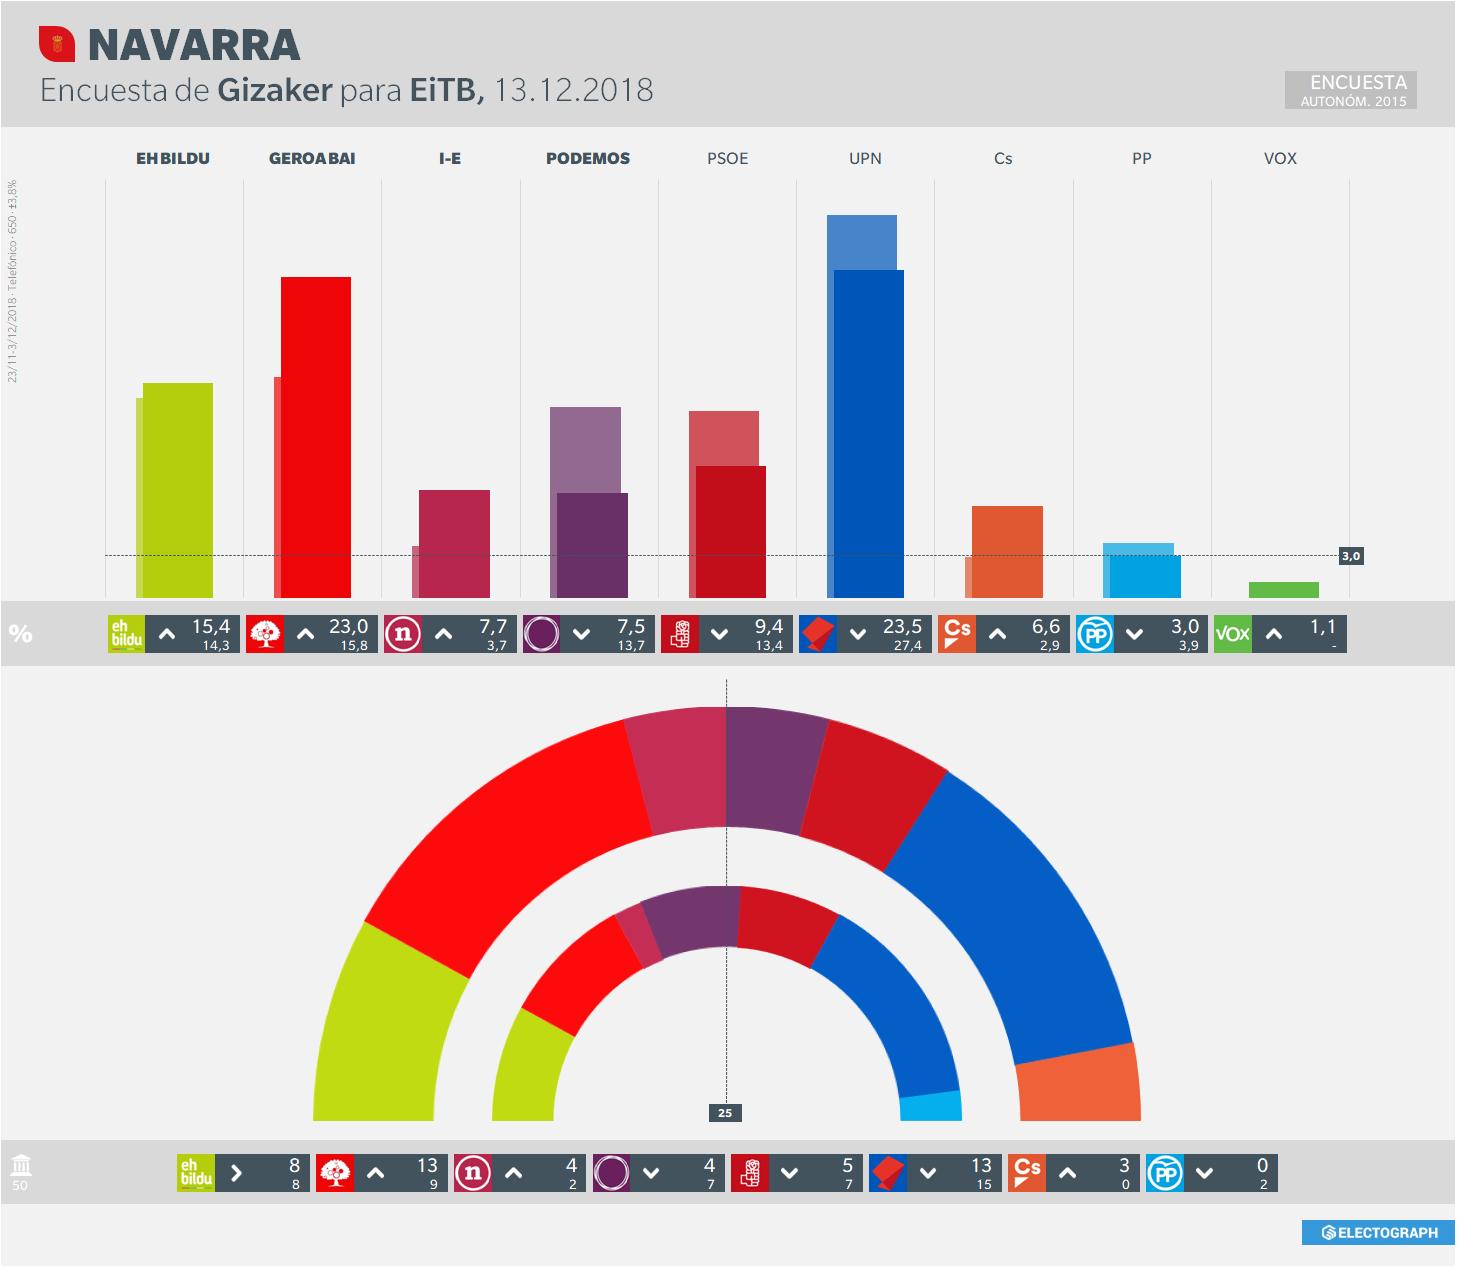 Gráfico de la encuesta para elecciones autonómicas en Navarra realizada por Gizaker para EiTB en diciembre de 2018